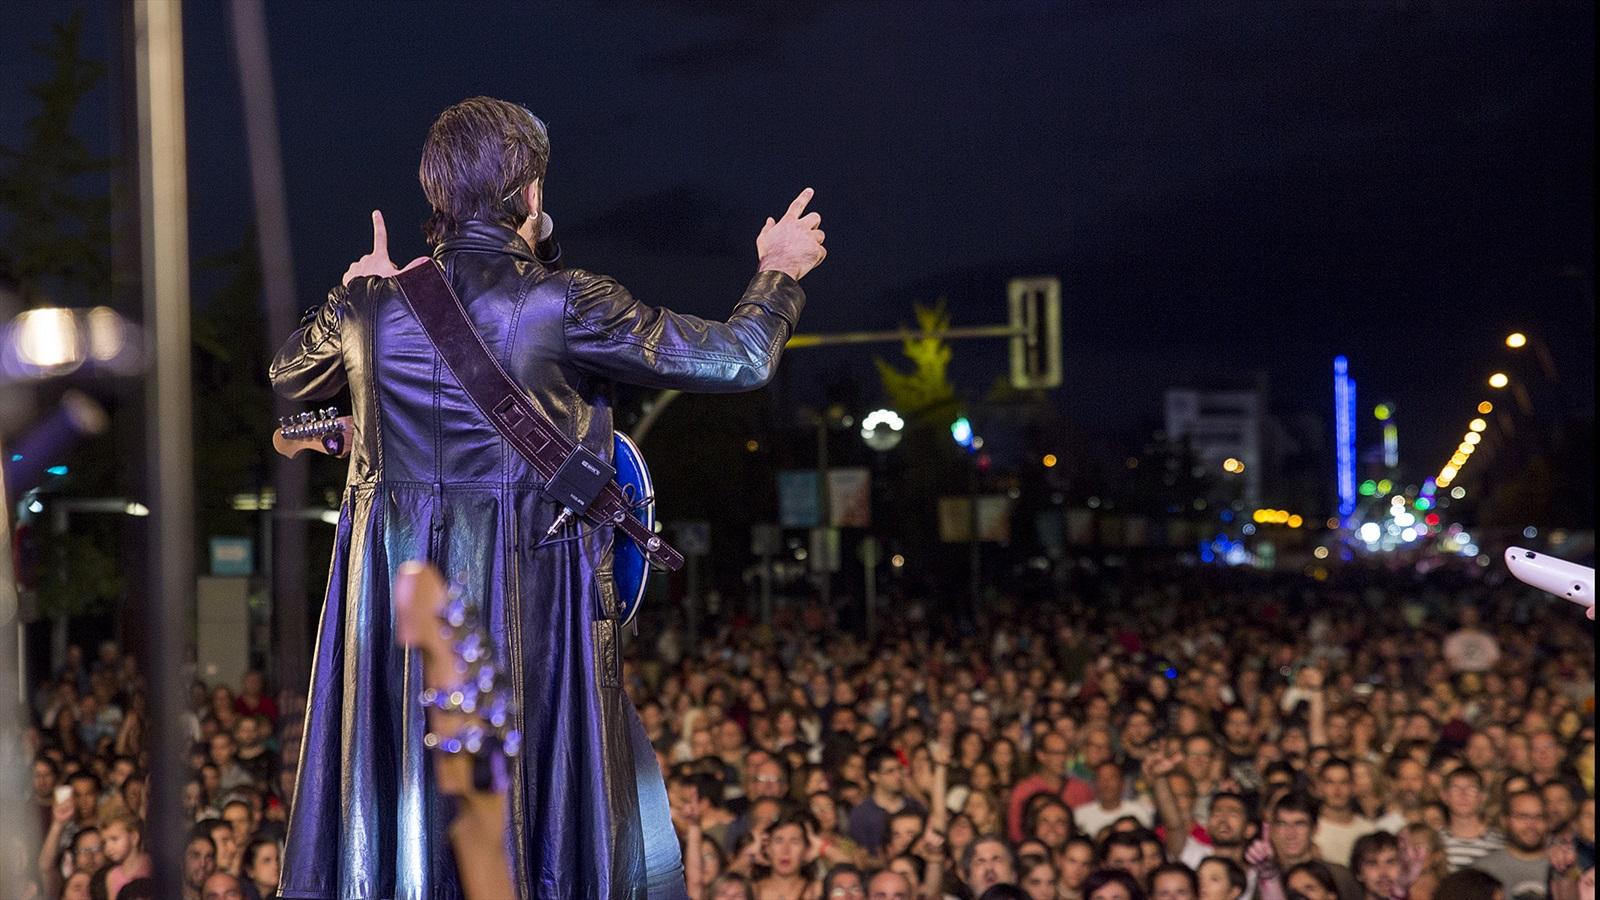 obeses amb arnau tordera al teatre condal de barcelona